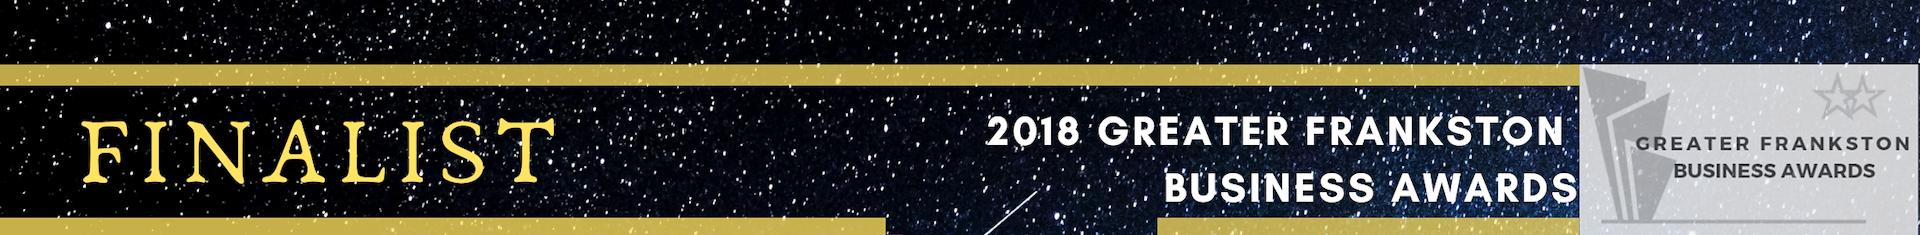 Business Awards Finalist 2018